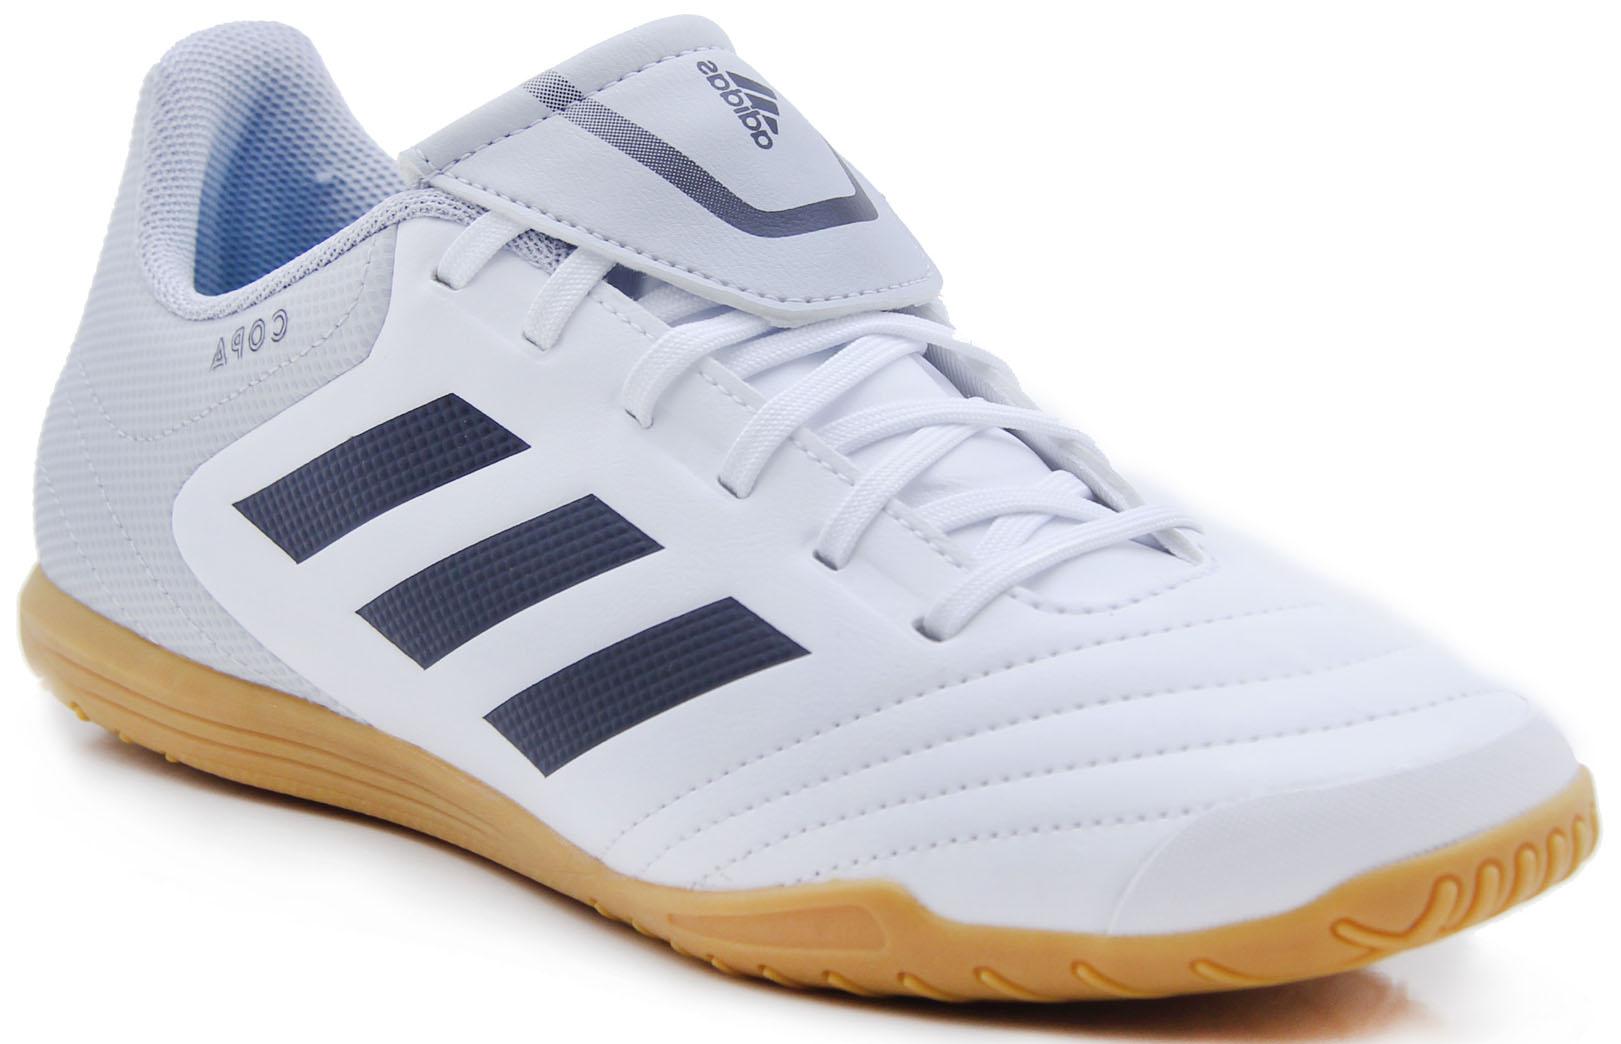 Бутсы для футзала мужские Adidas Copa 17.4 IN, цвет: белый, черный. S77149. Размер 6 (38)S77149Футбольные бутсы для зала выполнены из мягкой синтетической кожи. Подошва полностью регулируемая. Модель разработана для покрытия для мини-футбола.